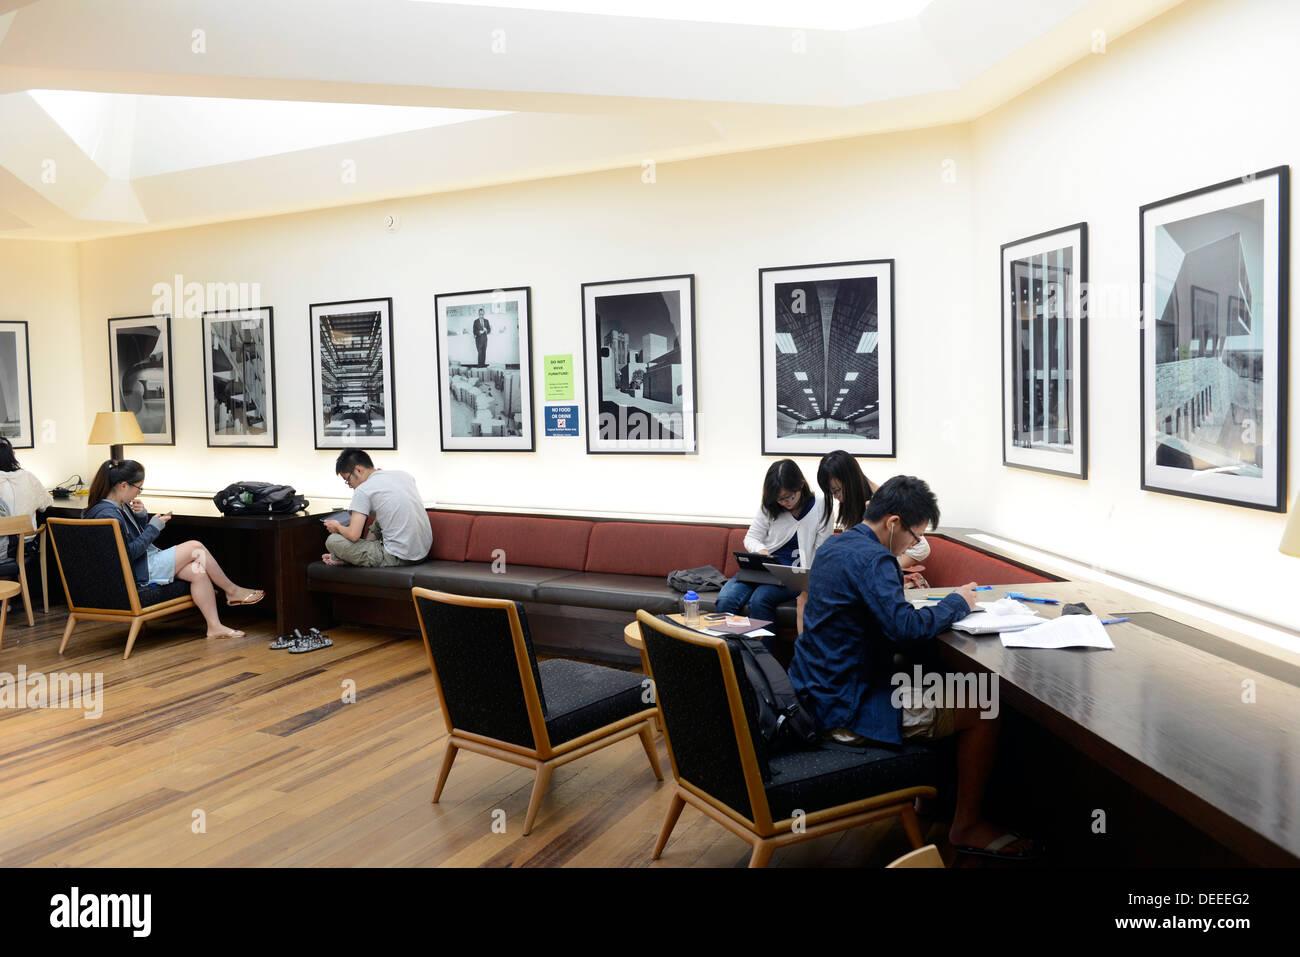 Los estudiantes chinos que estudian en la Escuela de Verano de Yale en el estudio de Eero Saarinen diseñó Morse colegio residencial, construido 1961. Imagen De Stock